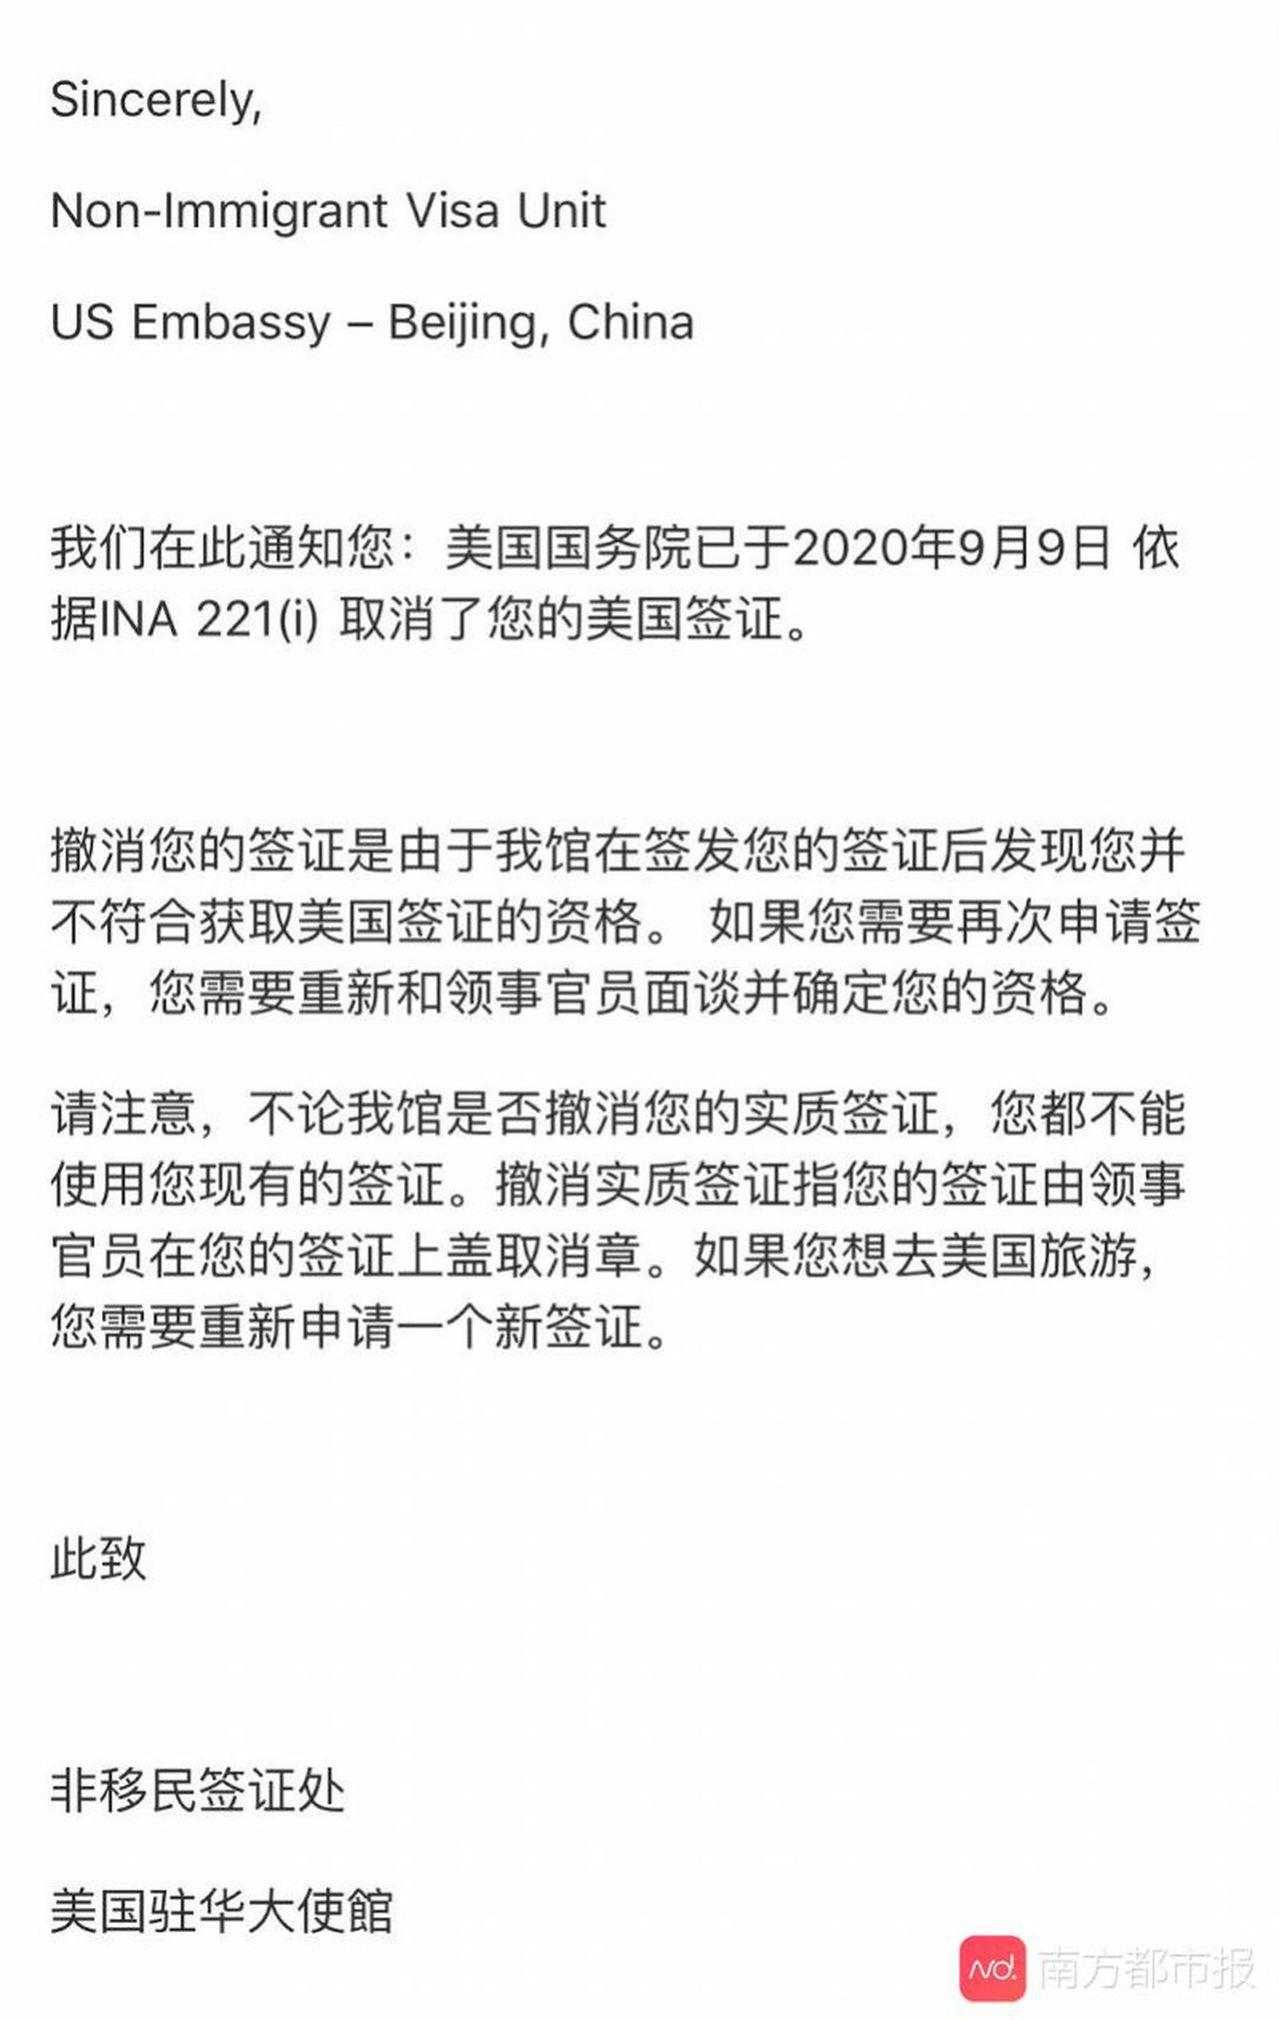 美国封杀中国留学生 签证撤销通知信里这样写…